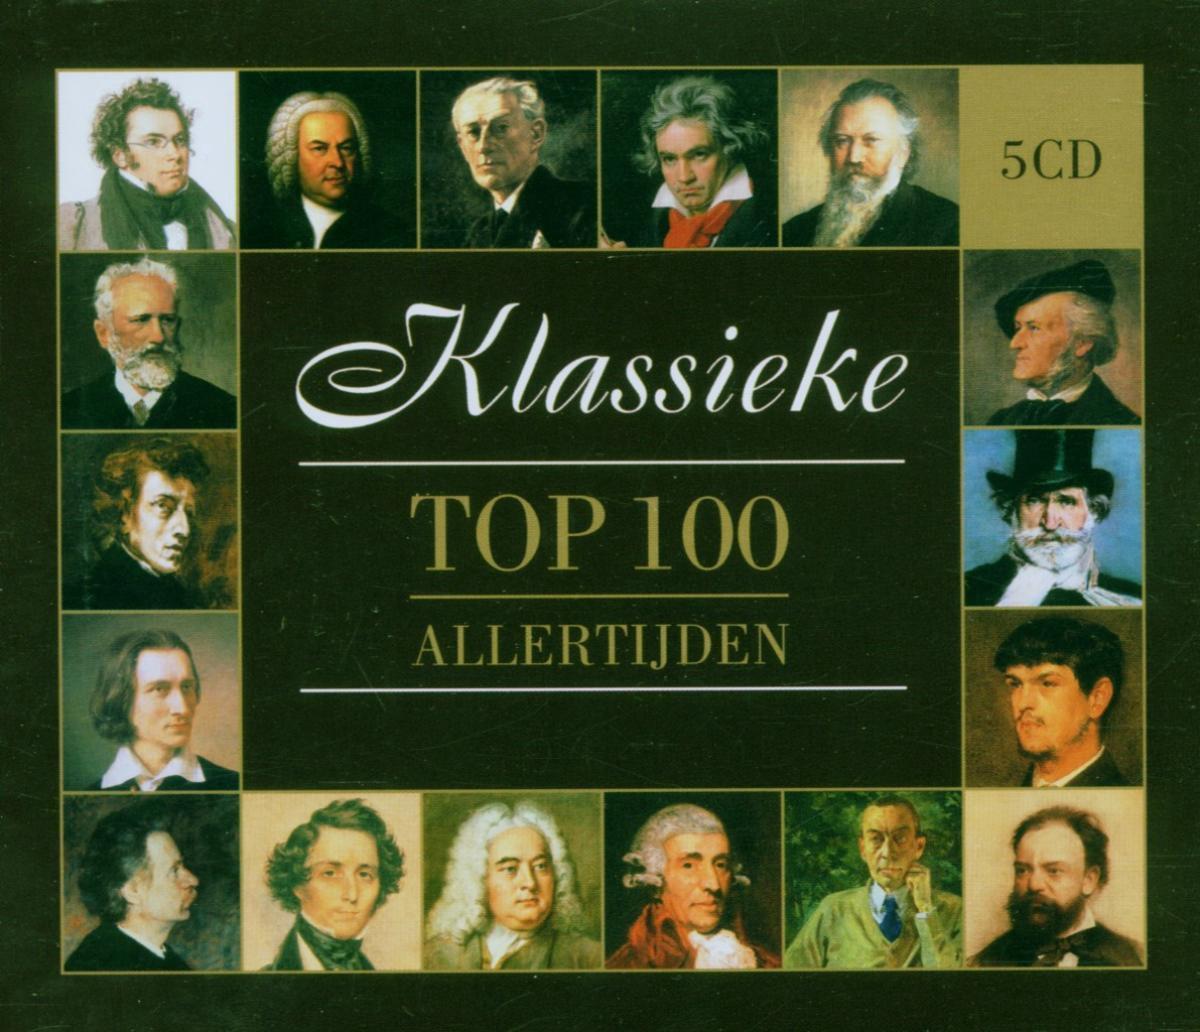 Klassieke Top 100 Allertijden - various artists